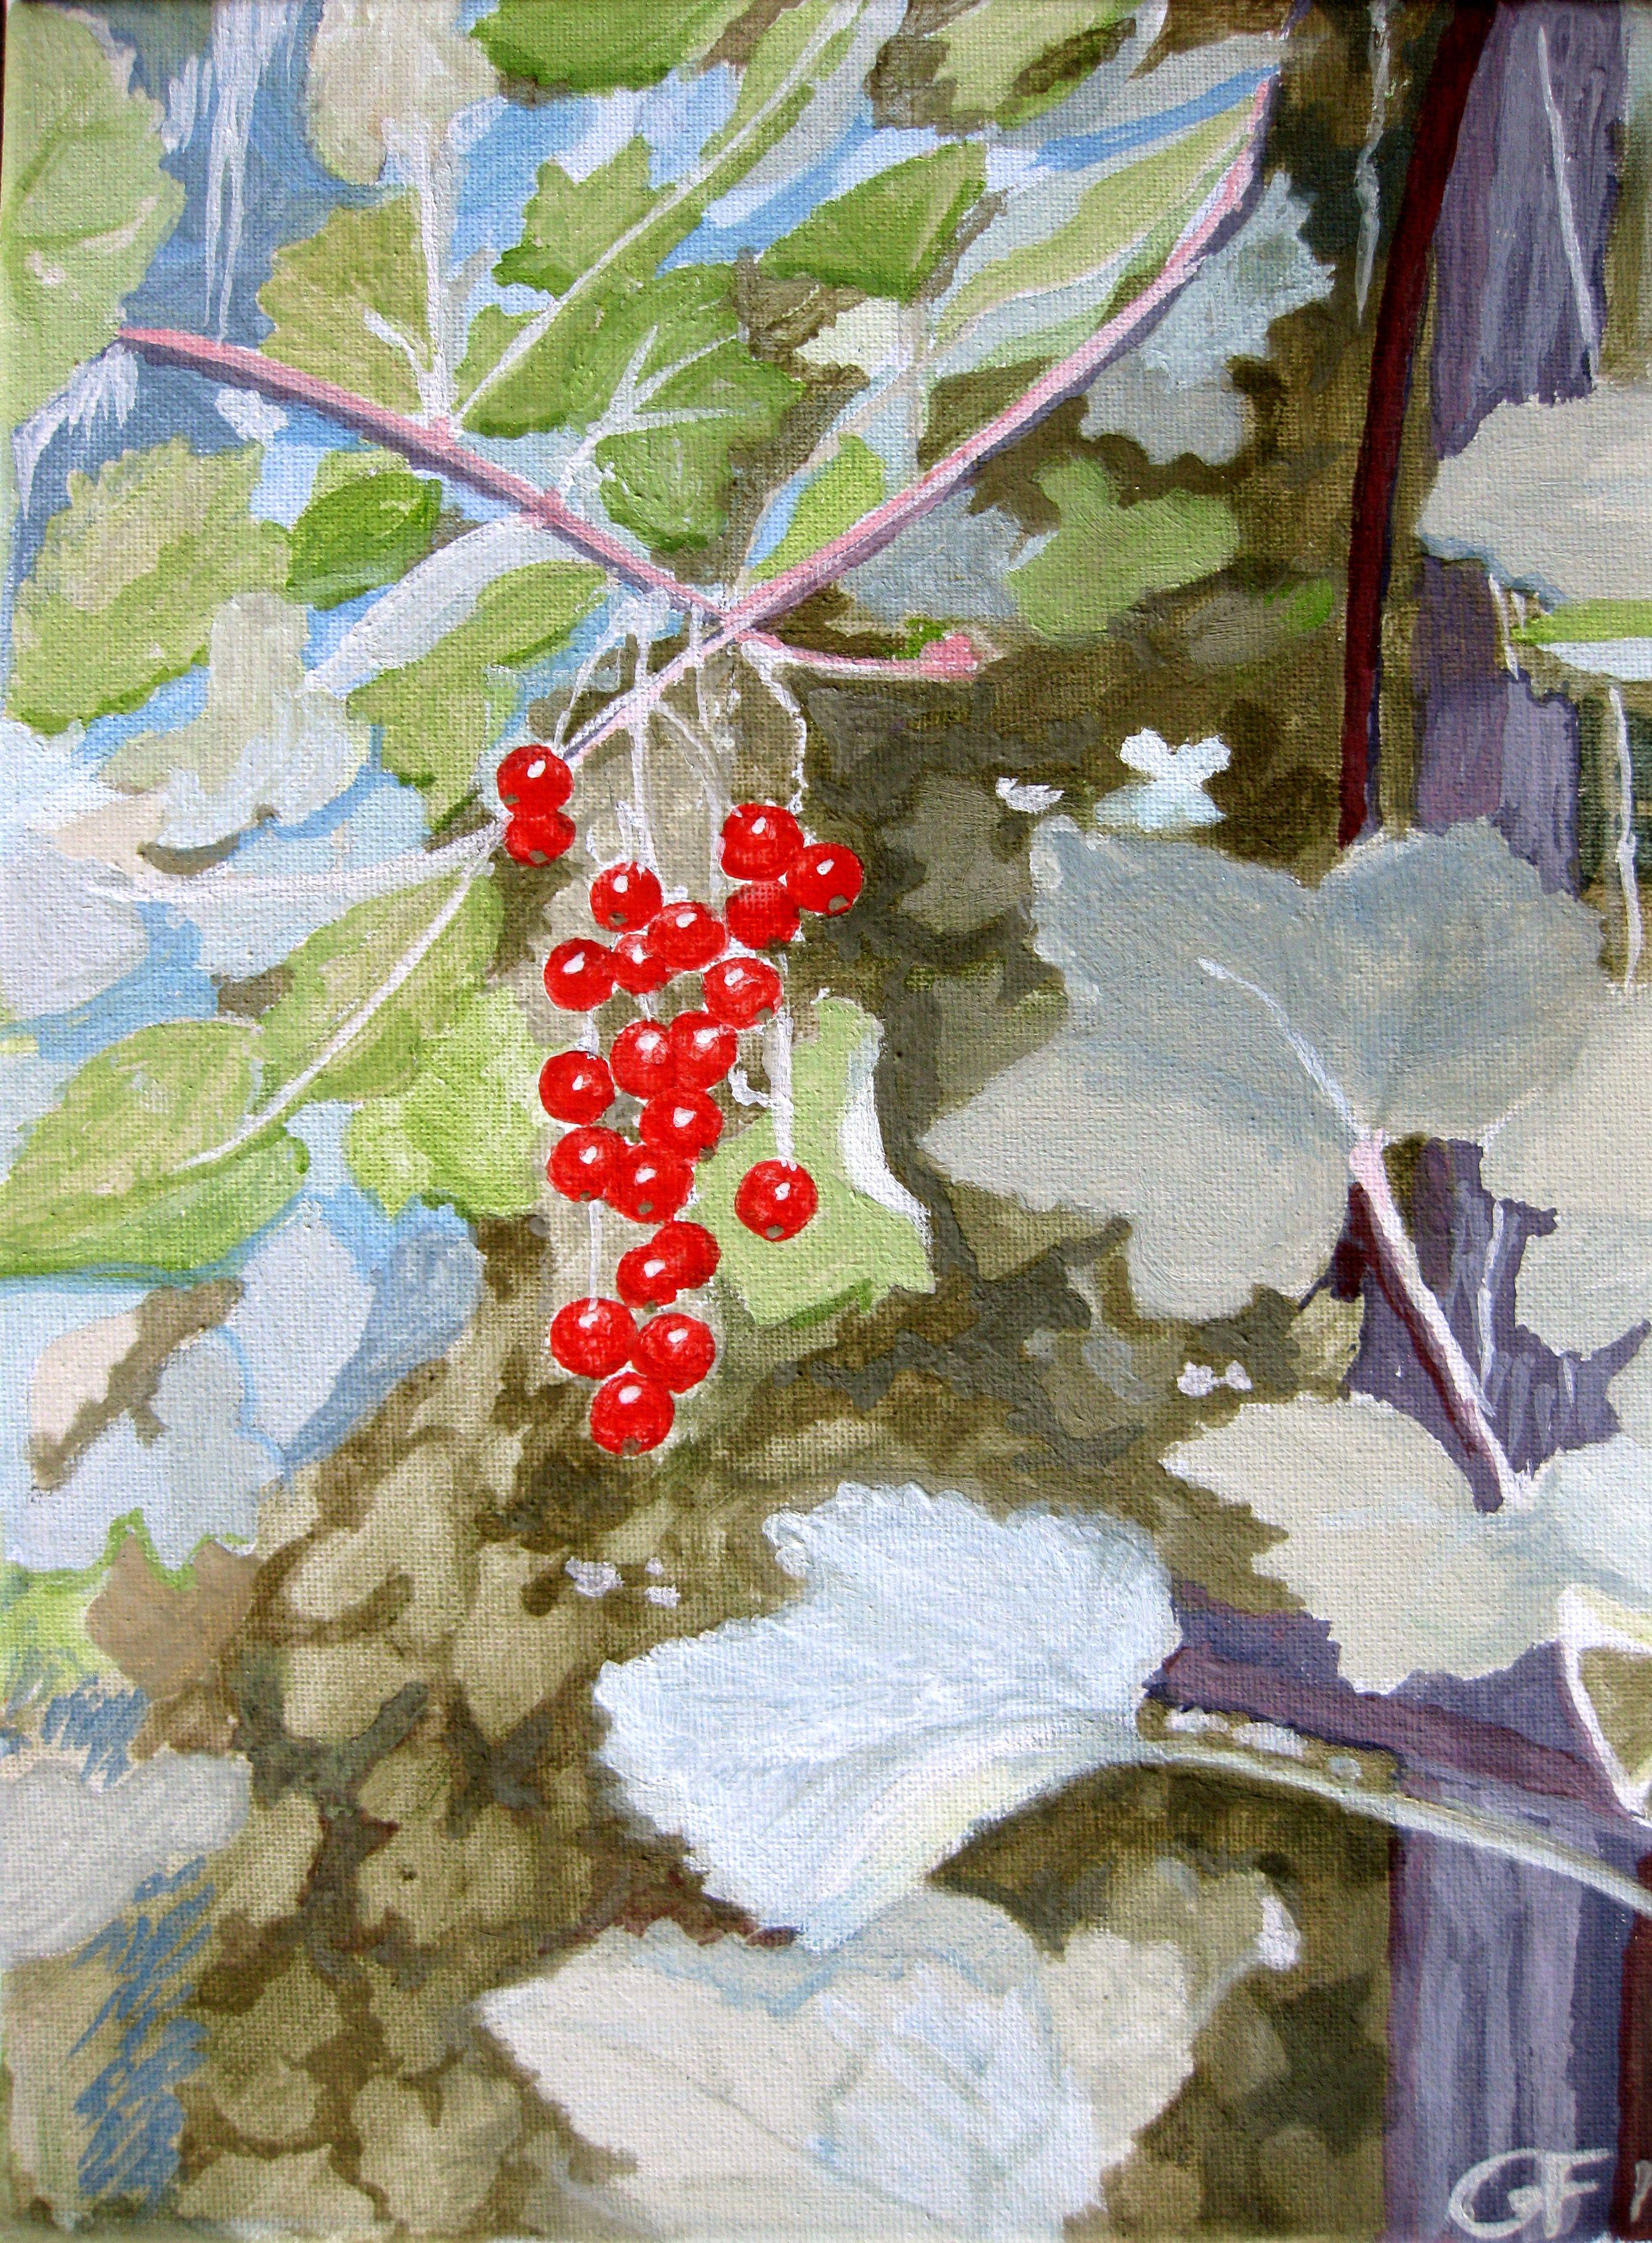 I vinbärsbusken / In the currant bush Egg oil tempera